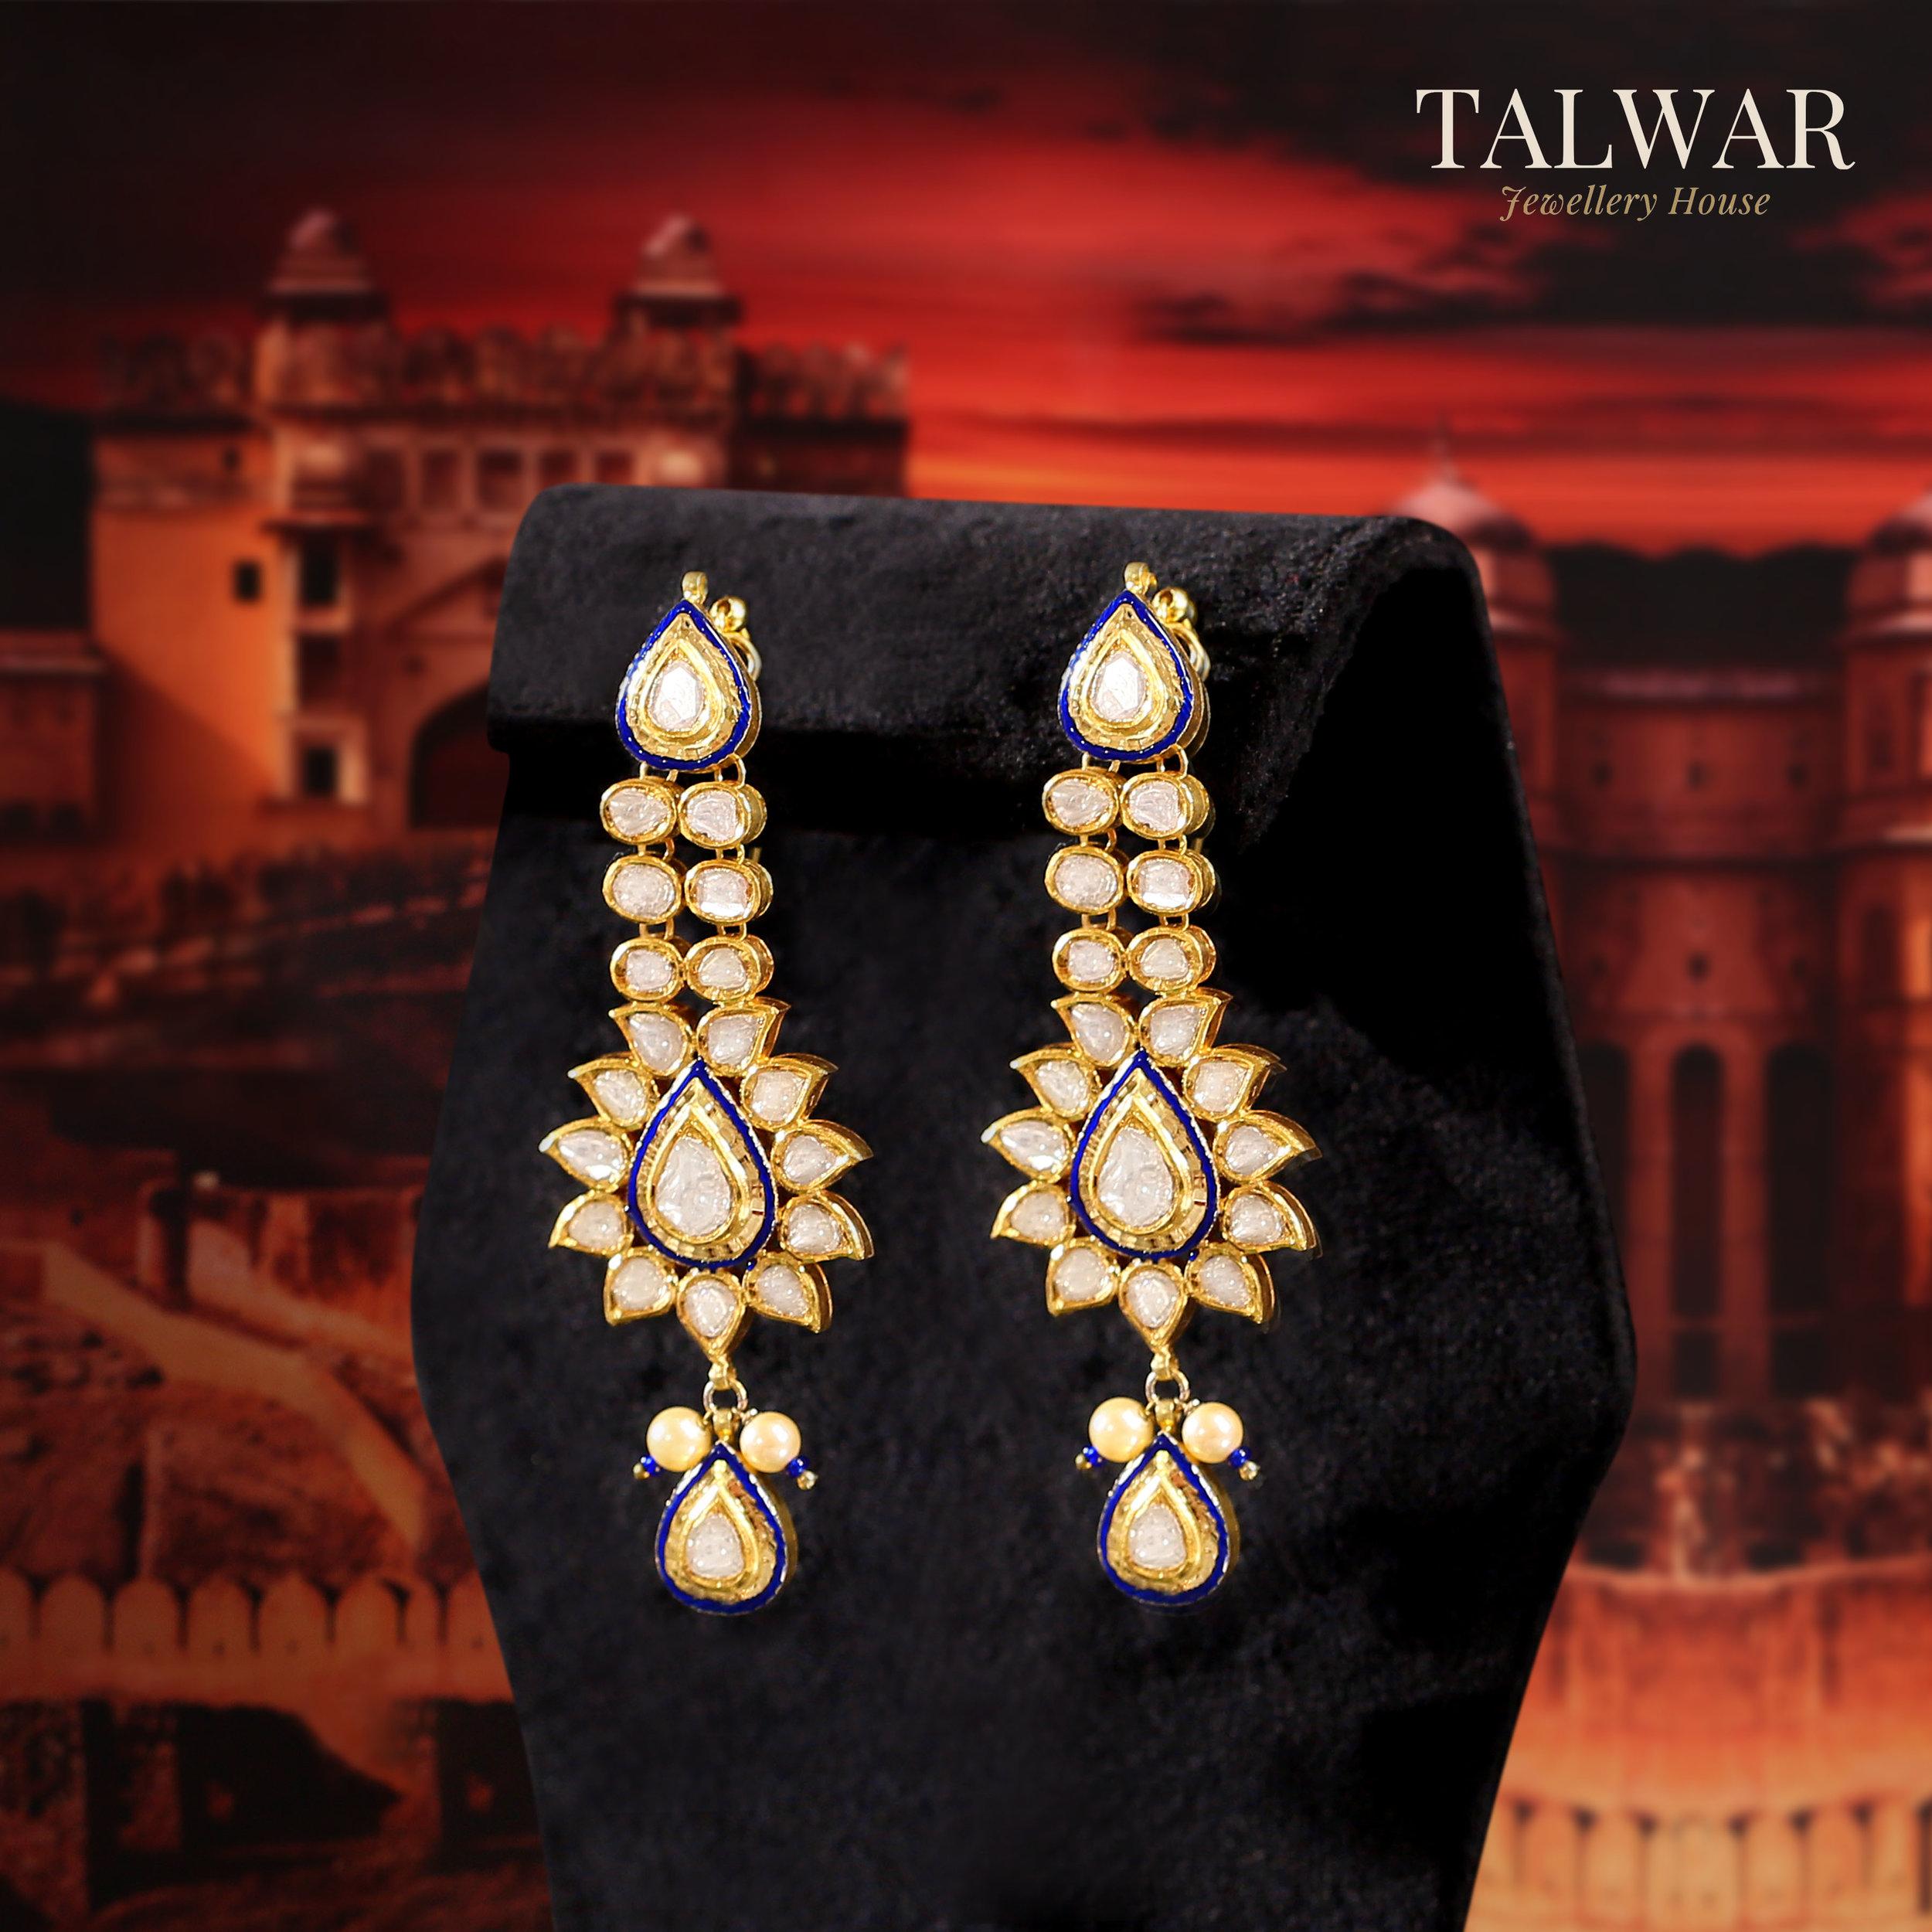 Polki Earrings by Talwar Jewellery House.